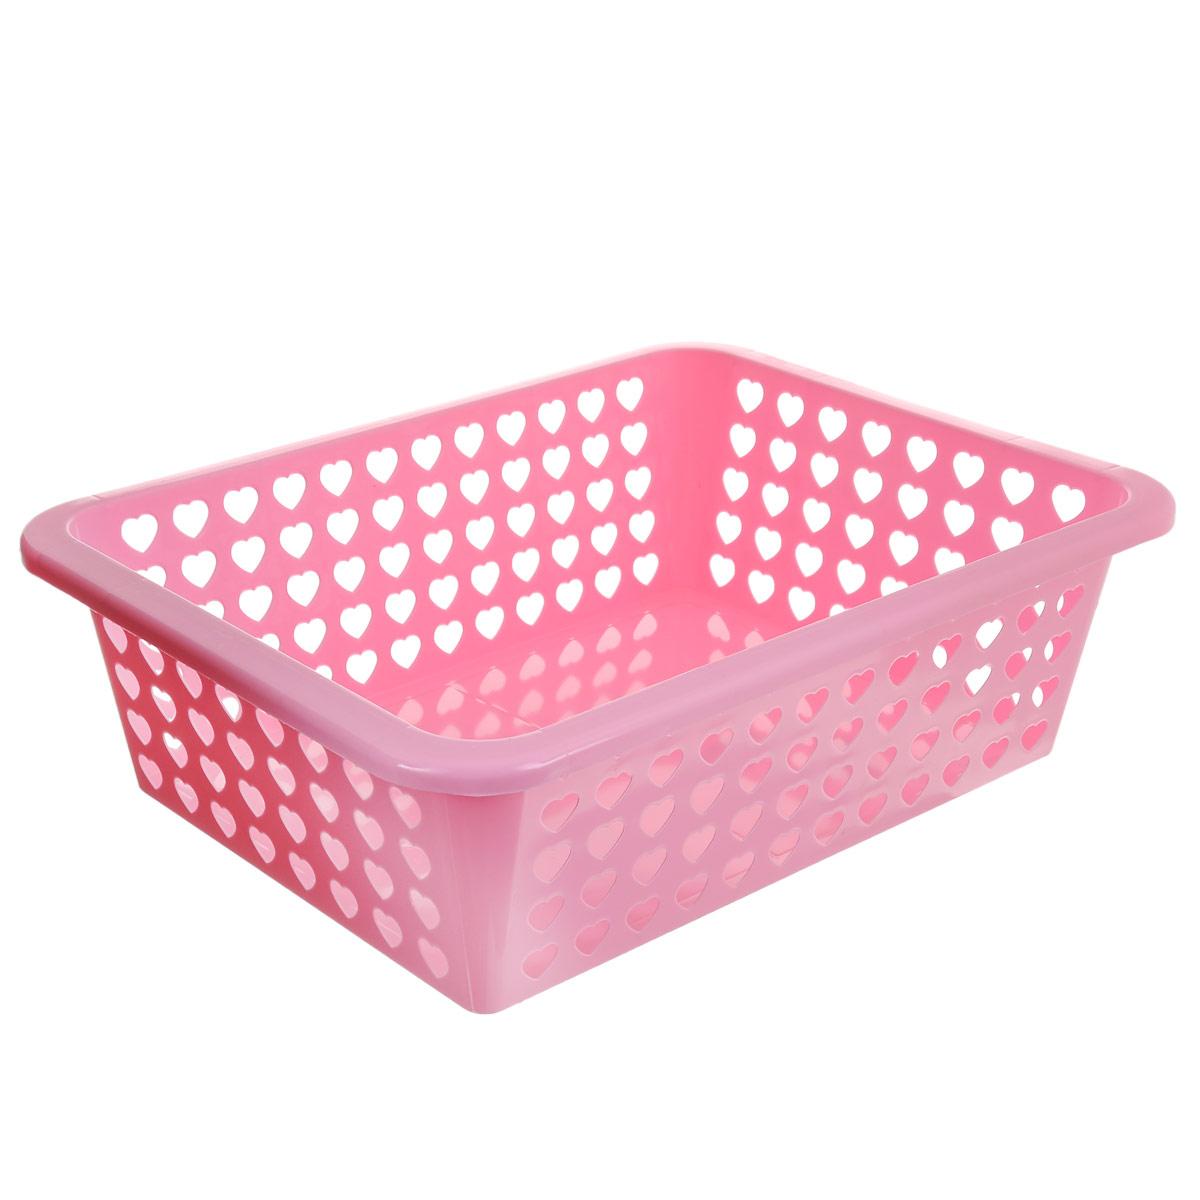 Корзина Альтернатива Вдохновение, цвет: розовый, 39,5 см х 29,7 см х 12 см98299571Корзина Альтернатива Вдохновение выполнена из пластика и оформлена перфорацией в виде сердечек. Изделие имеет сплошное дно и жесткую кромку. Корзина предназначена для хранения мелочей в ванной, на кухне, на даче или в гараже. Позволяет хранить мелкие вещи, исключая возможность их потери.